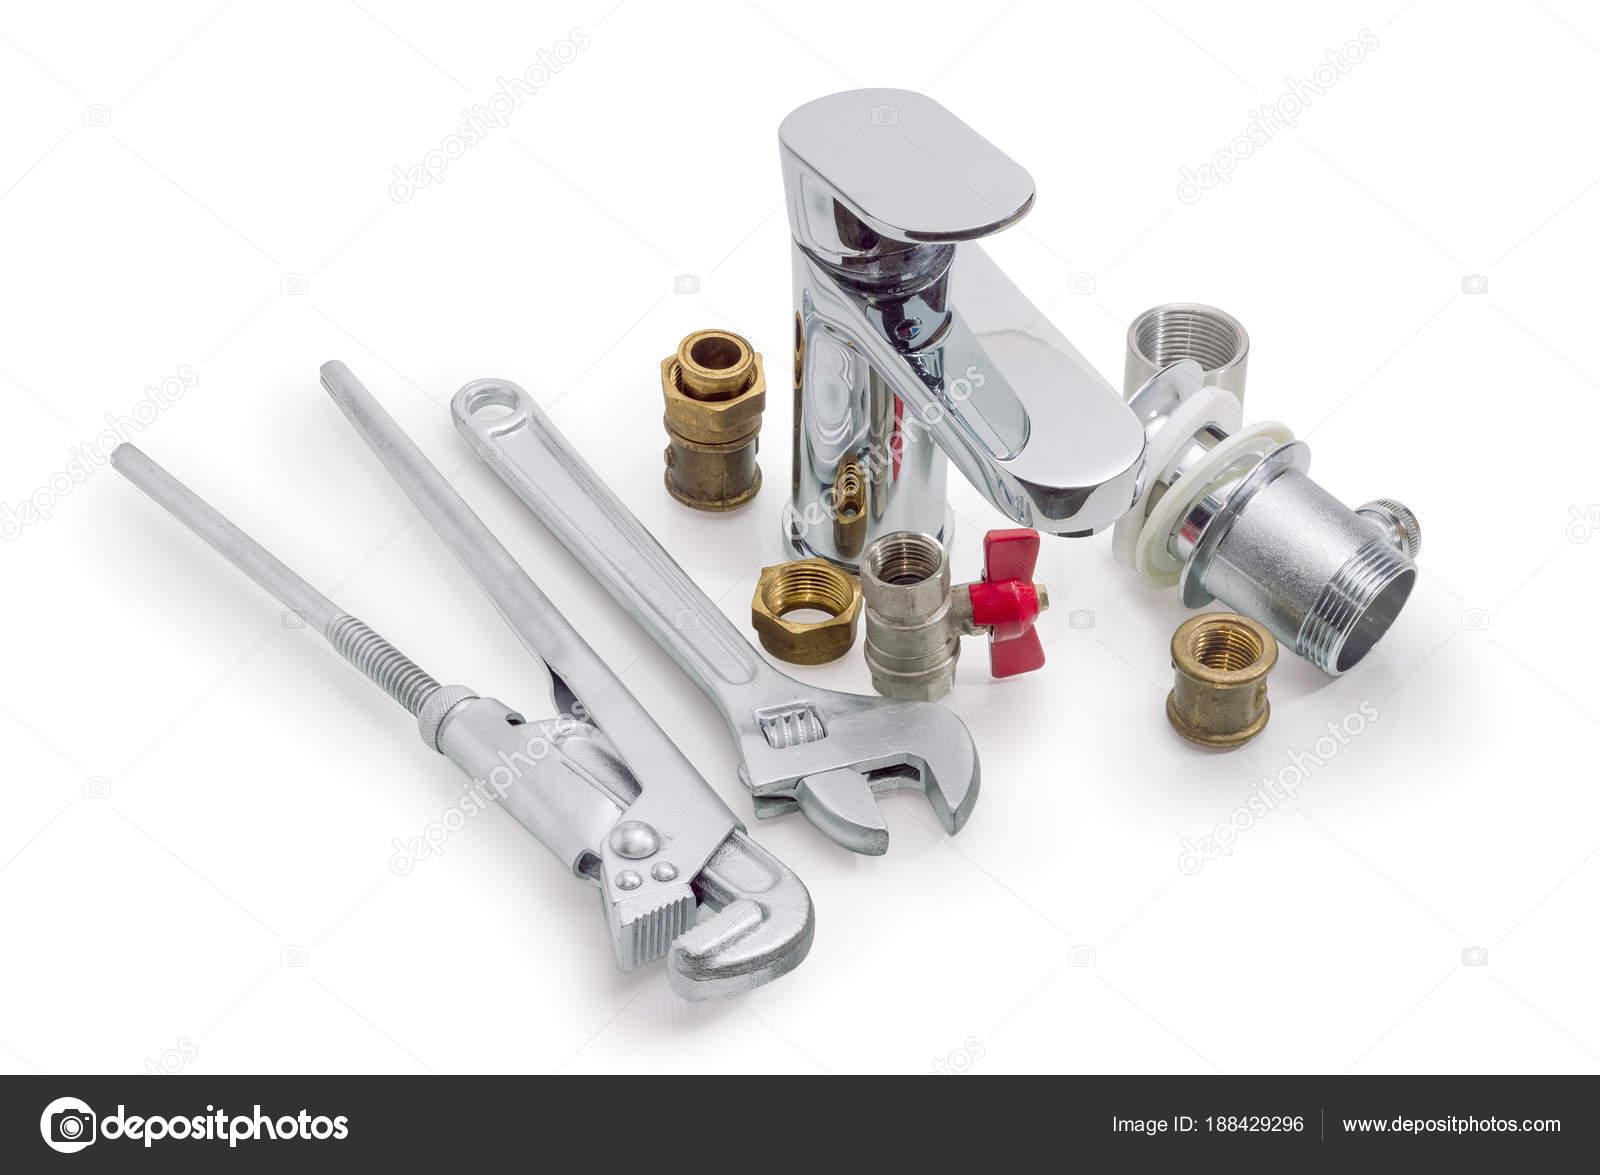 Omgaan met mengkraan sanitair onderdelen loodgieter moersleutel en